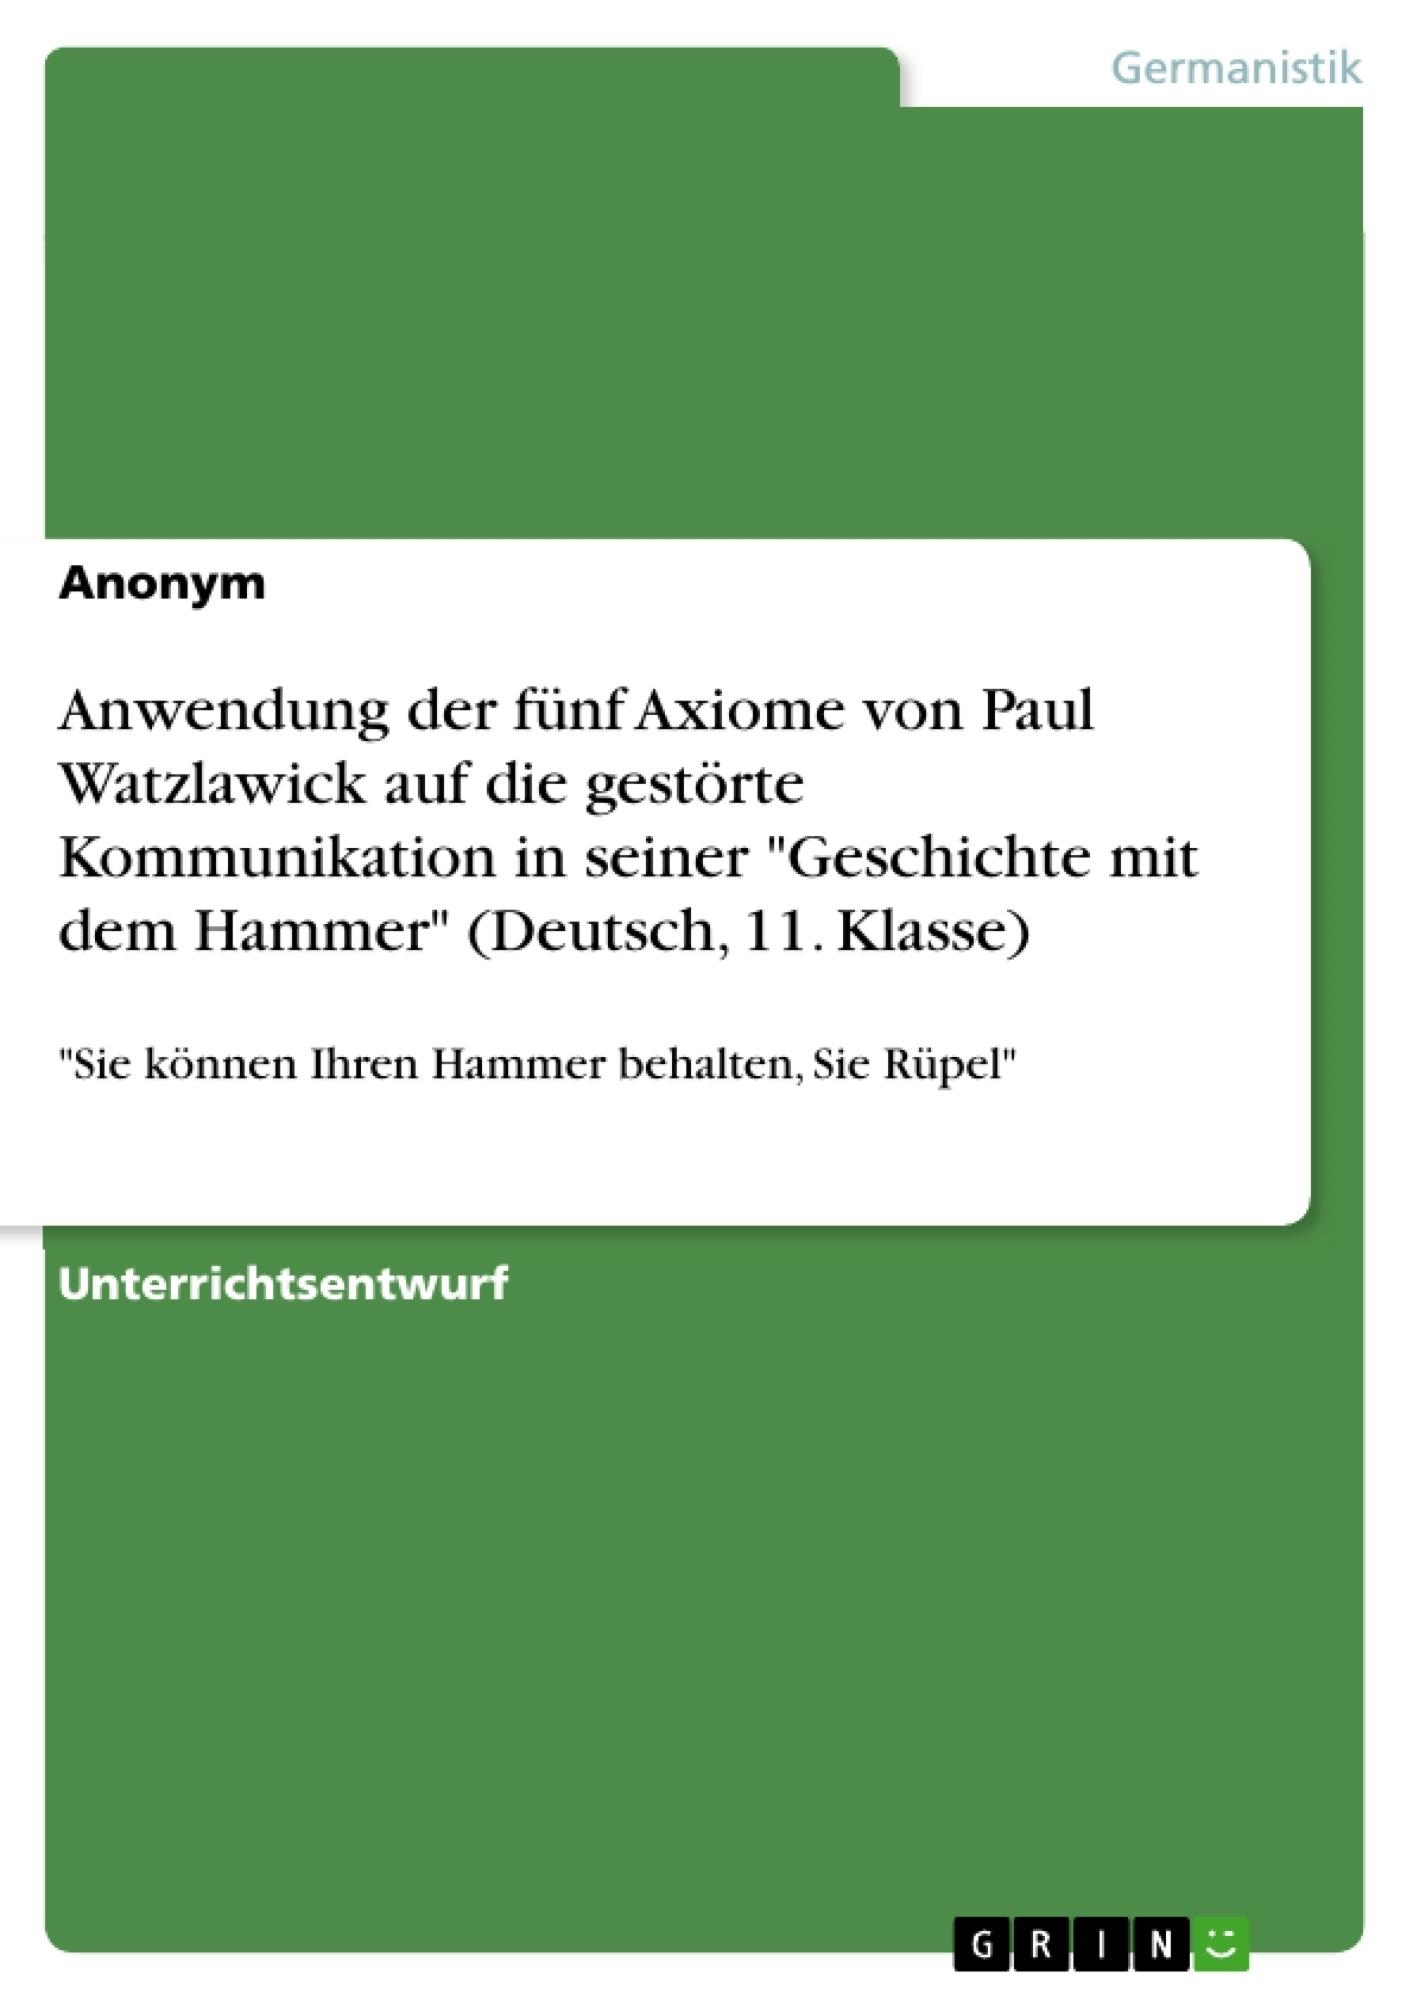 4 klasse kurzgeschichte Deutsch 4.